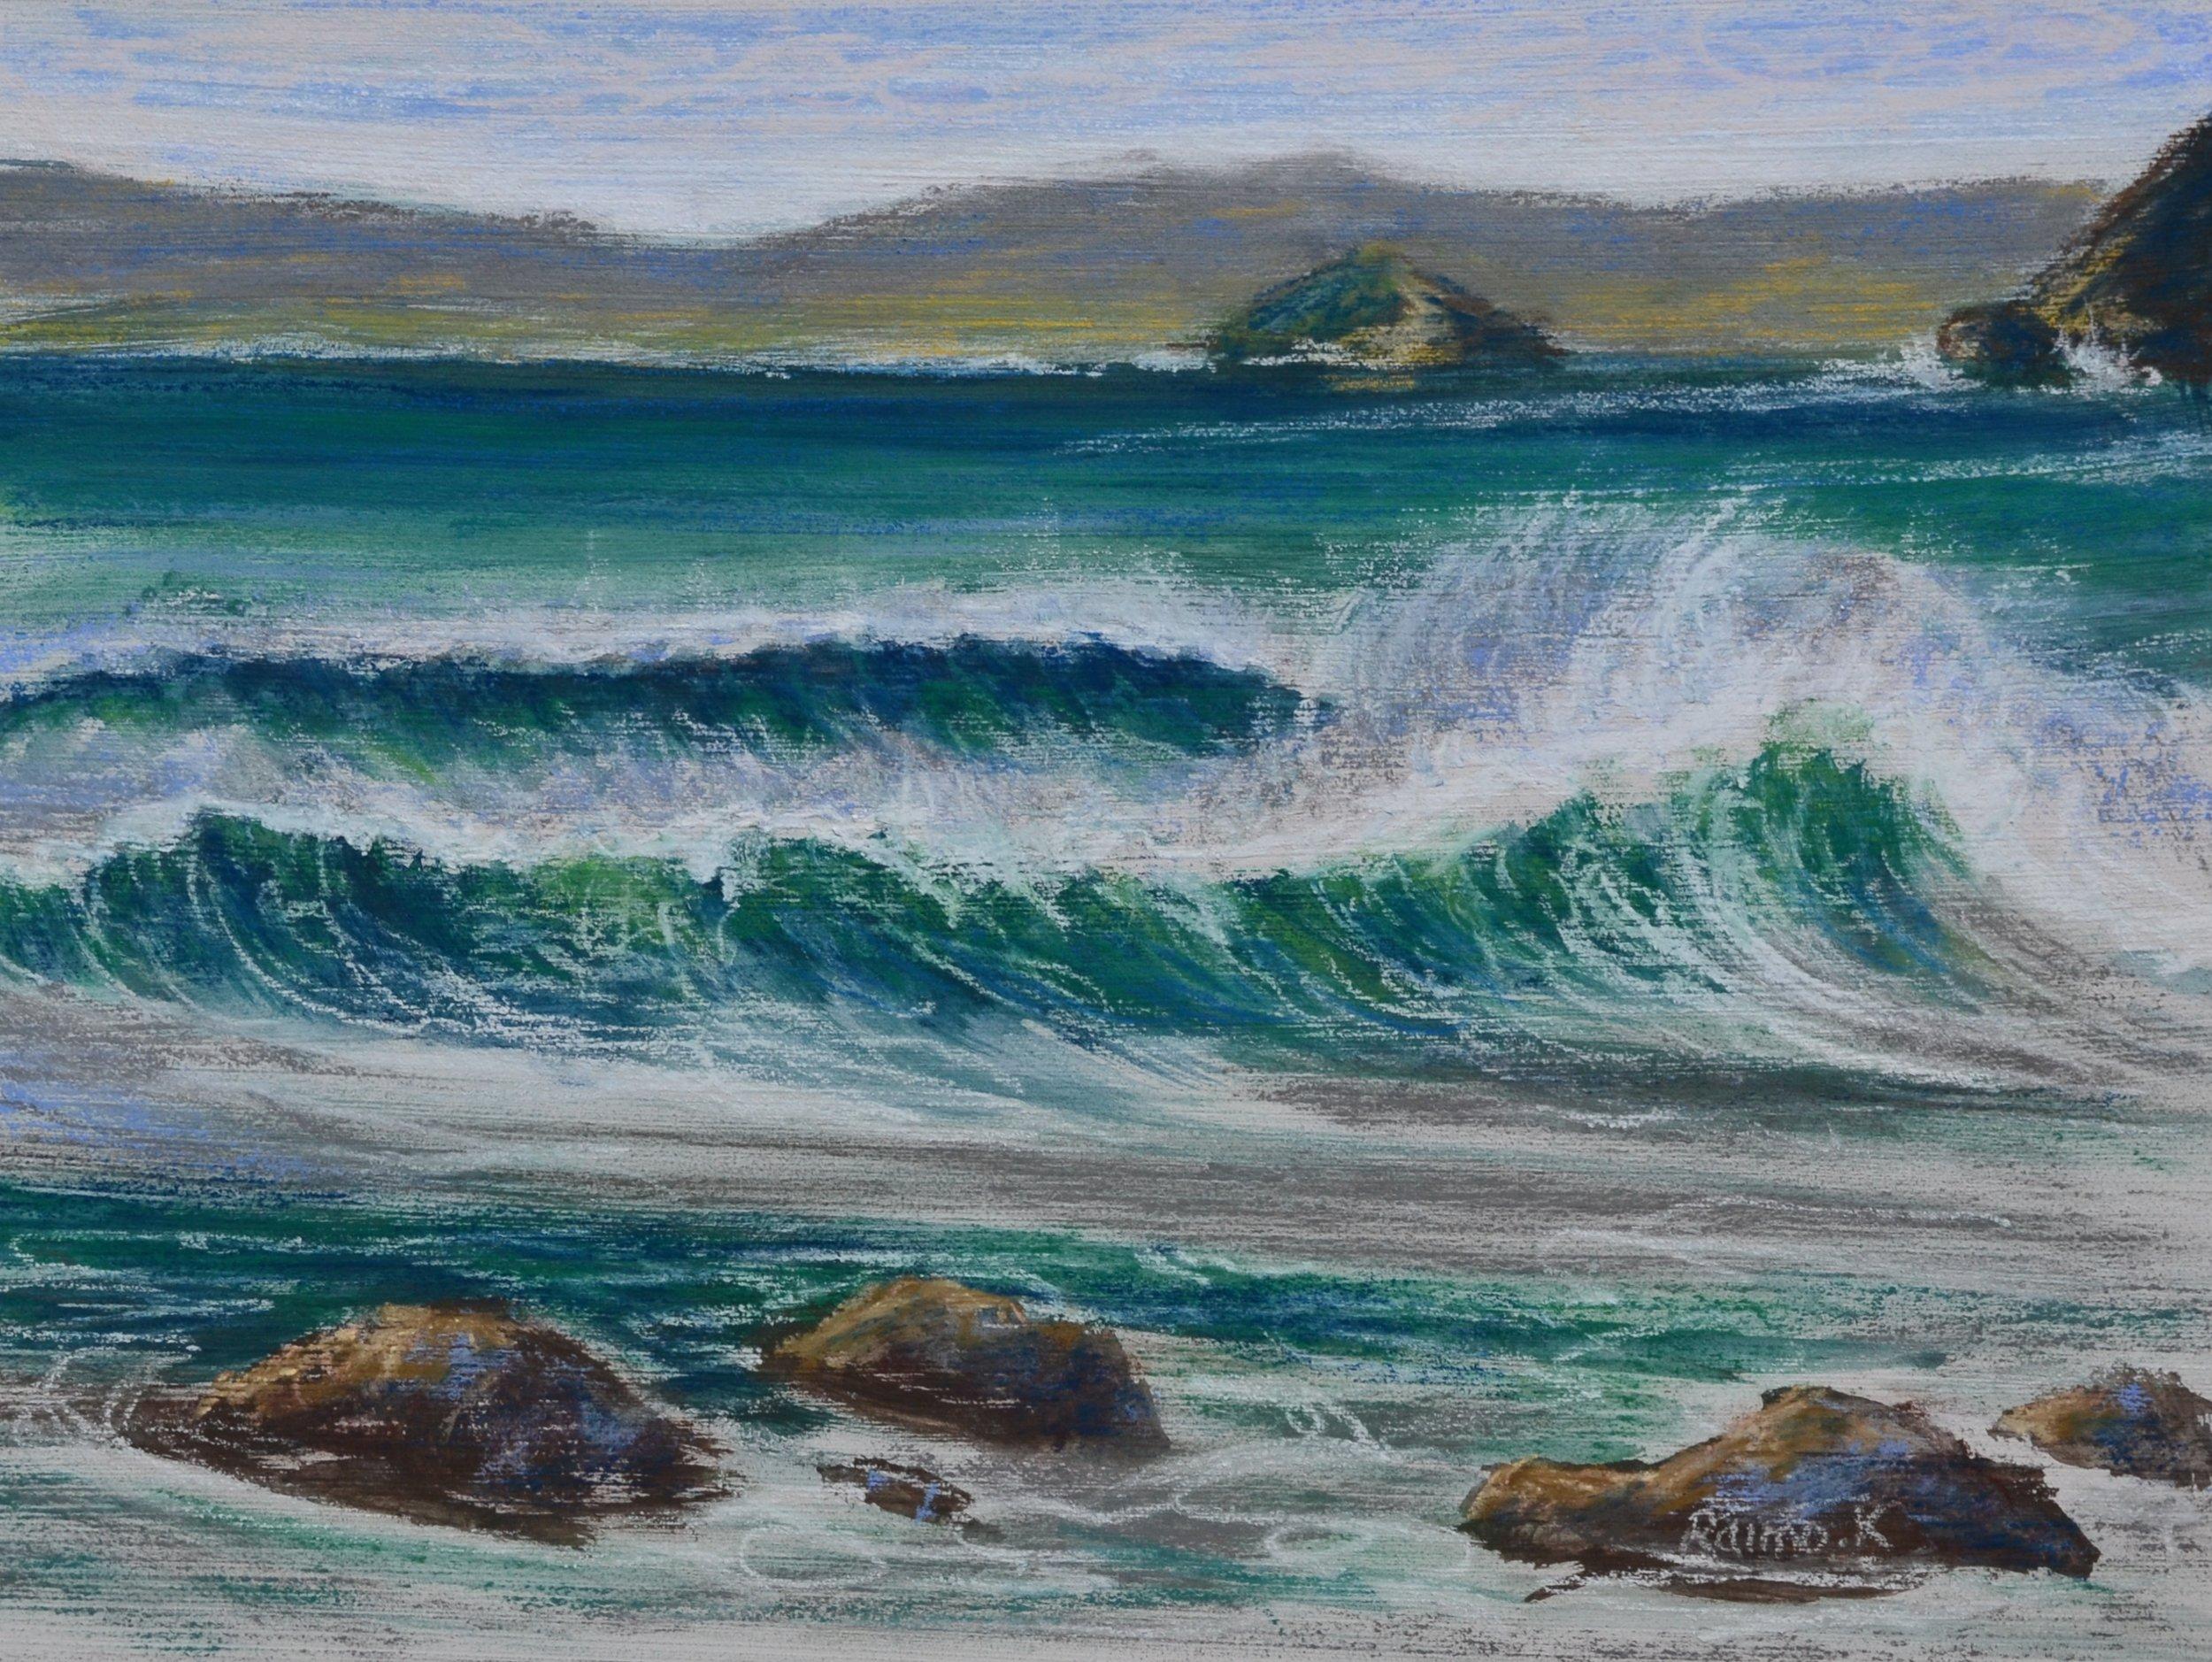 Waves at Tunnel Beach2.jpg